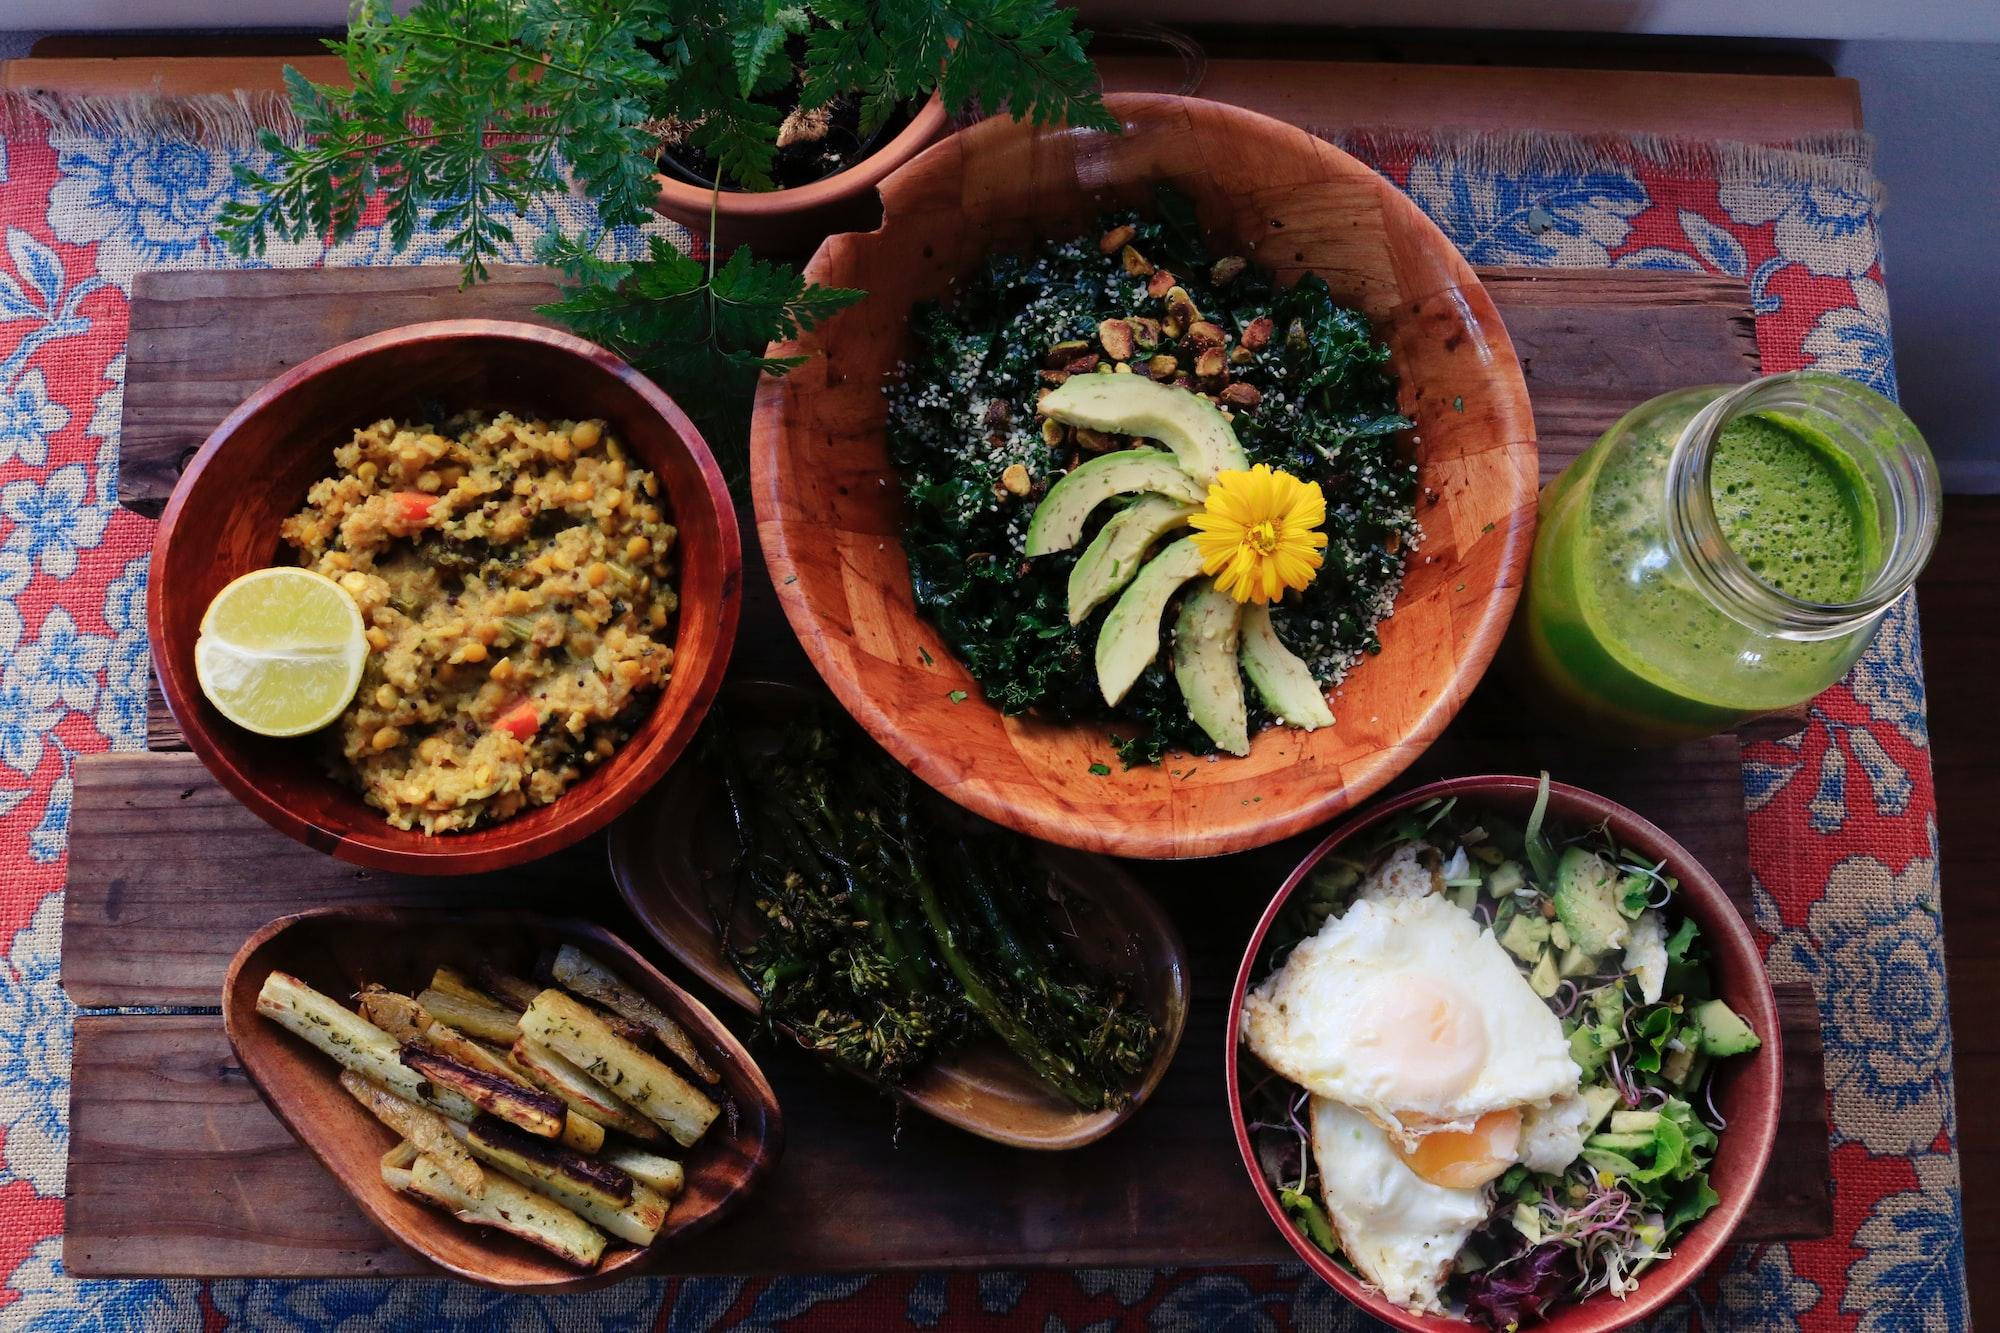 ทำไมถึงมากินแบบมังสวิรัติ (Vegetarianism)?